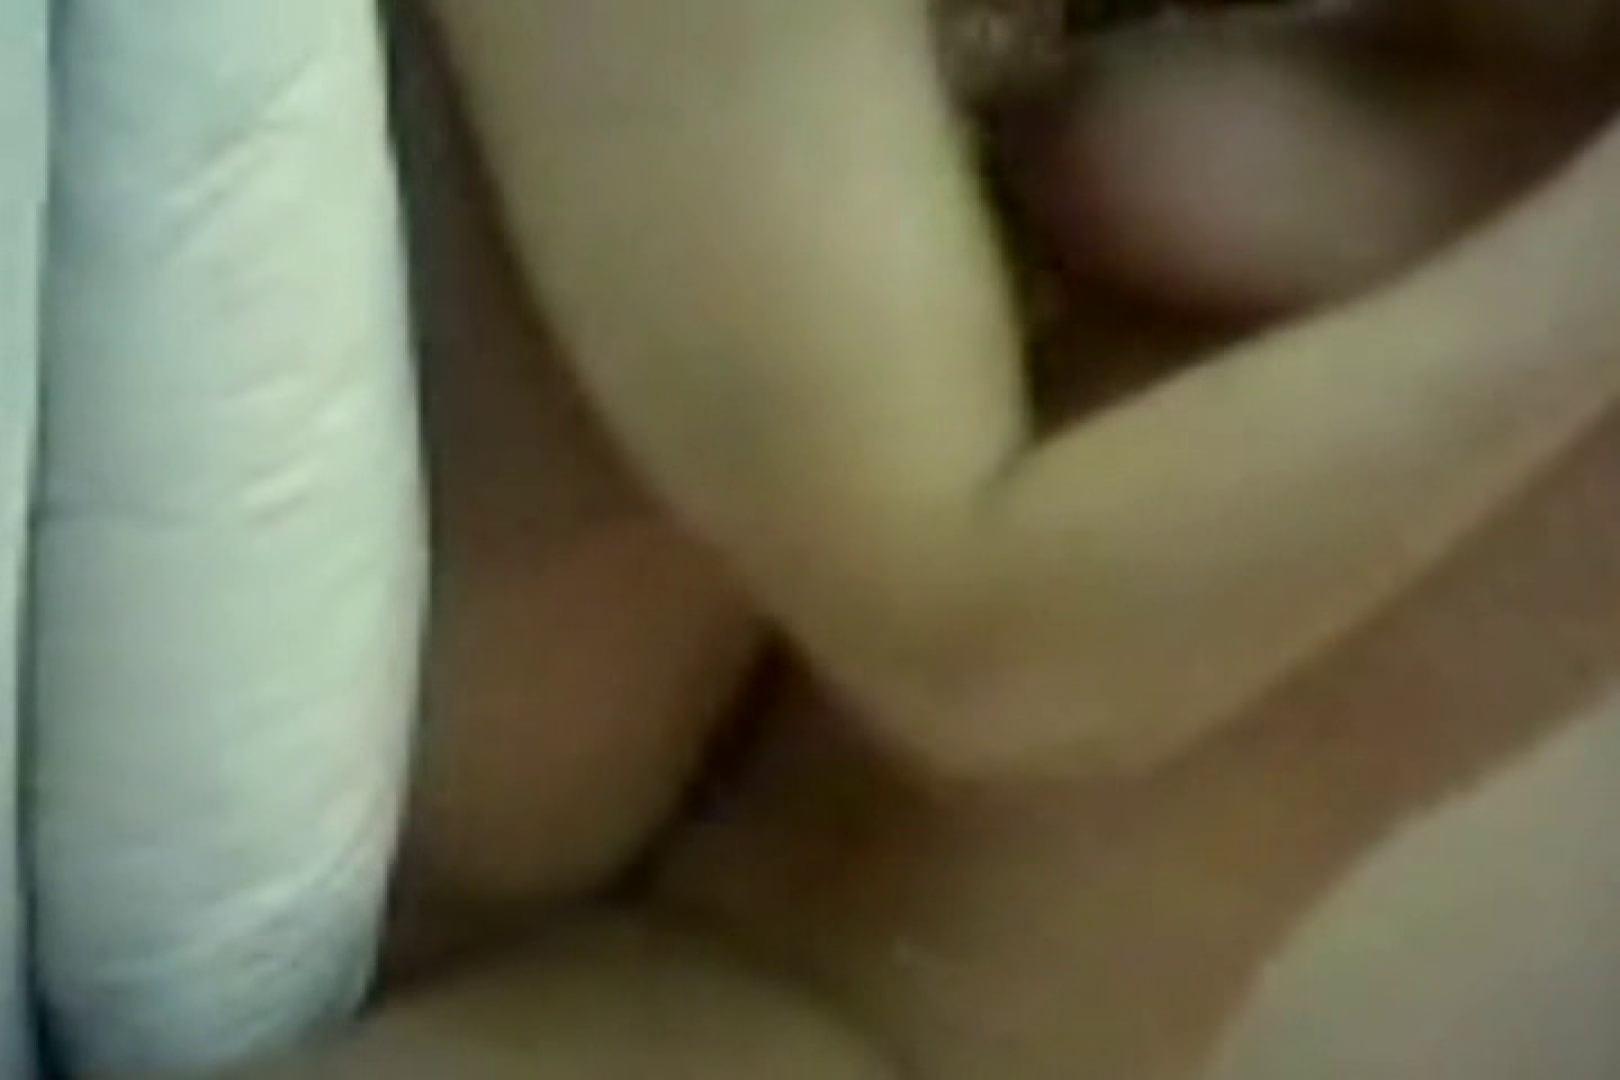 コリアン素人流出シリーズ 美人で巨乳の彼女とハメ撮り 素人  84pic 37